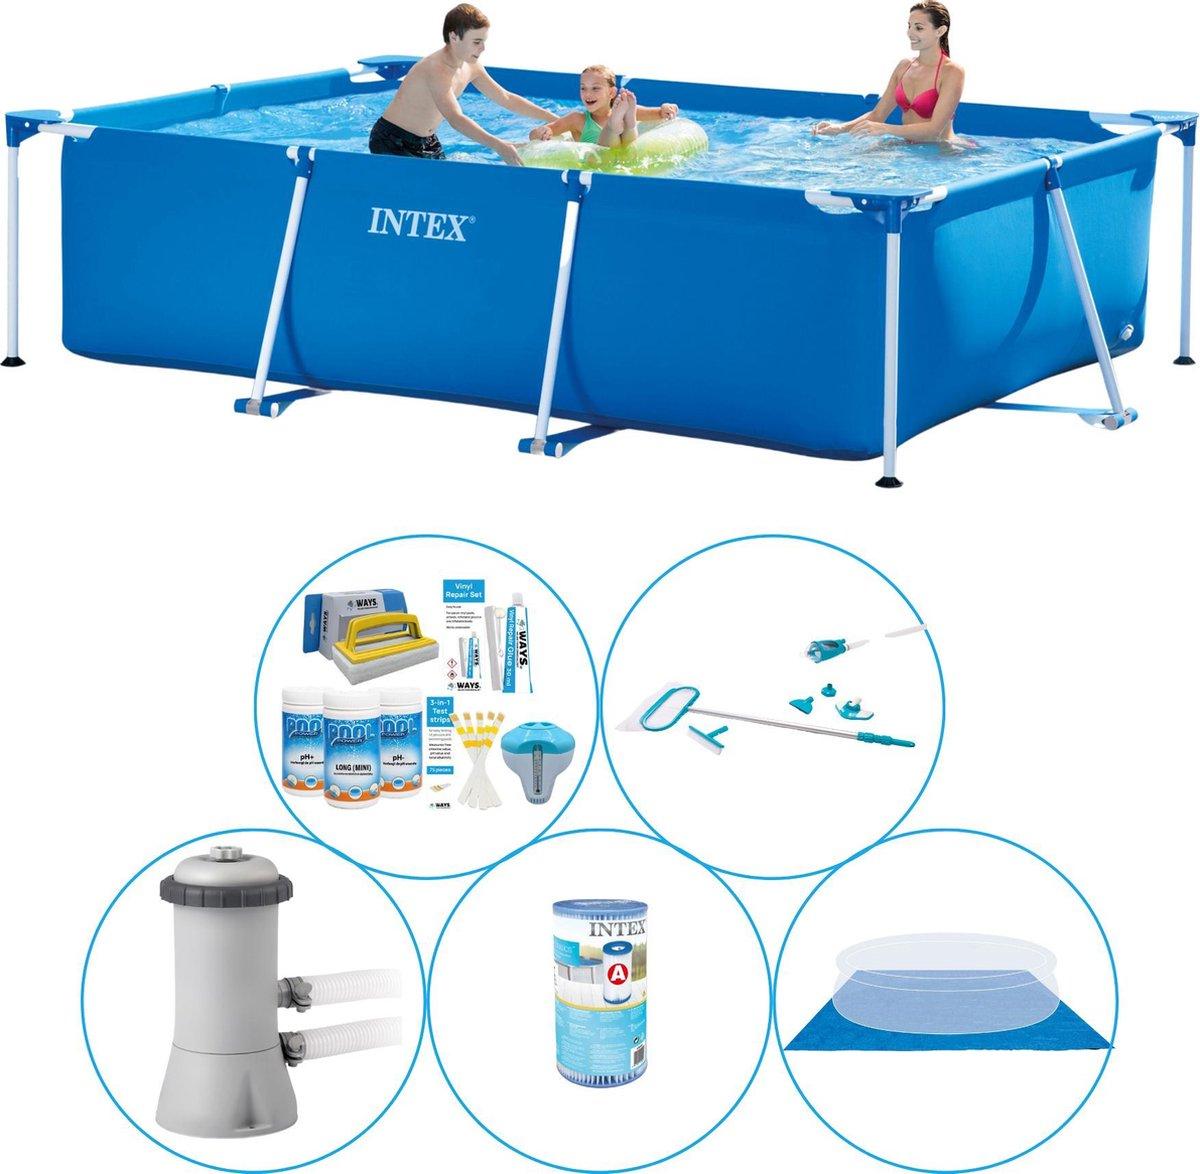 Intex Frame Pool Rechthoekig 300x200x75 cm - 6-delig - Zwembad Met Accessoires